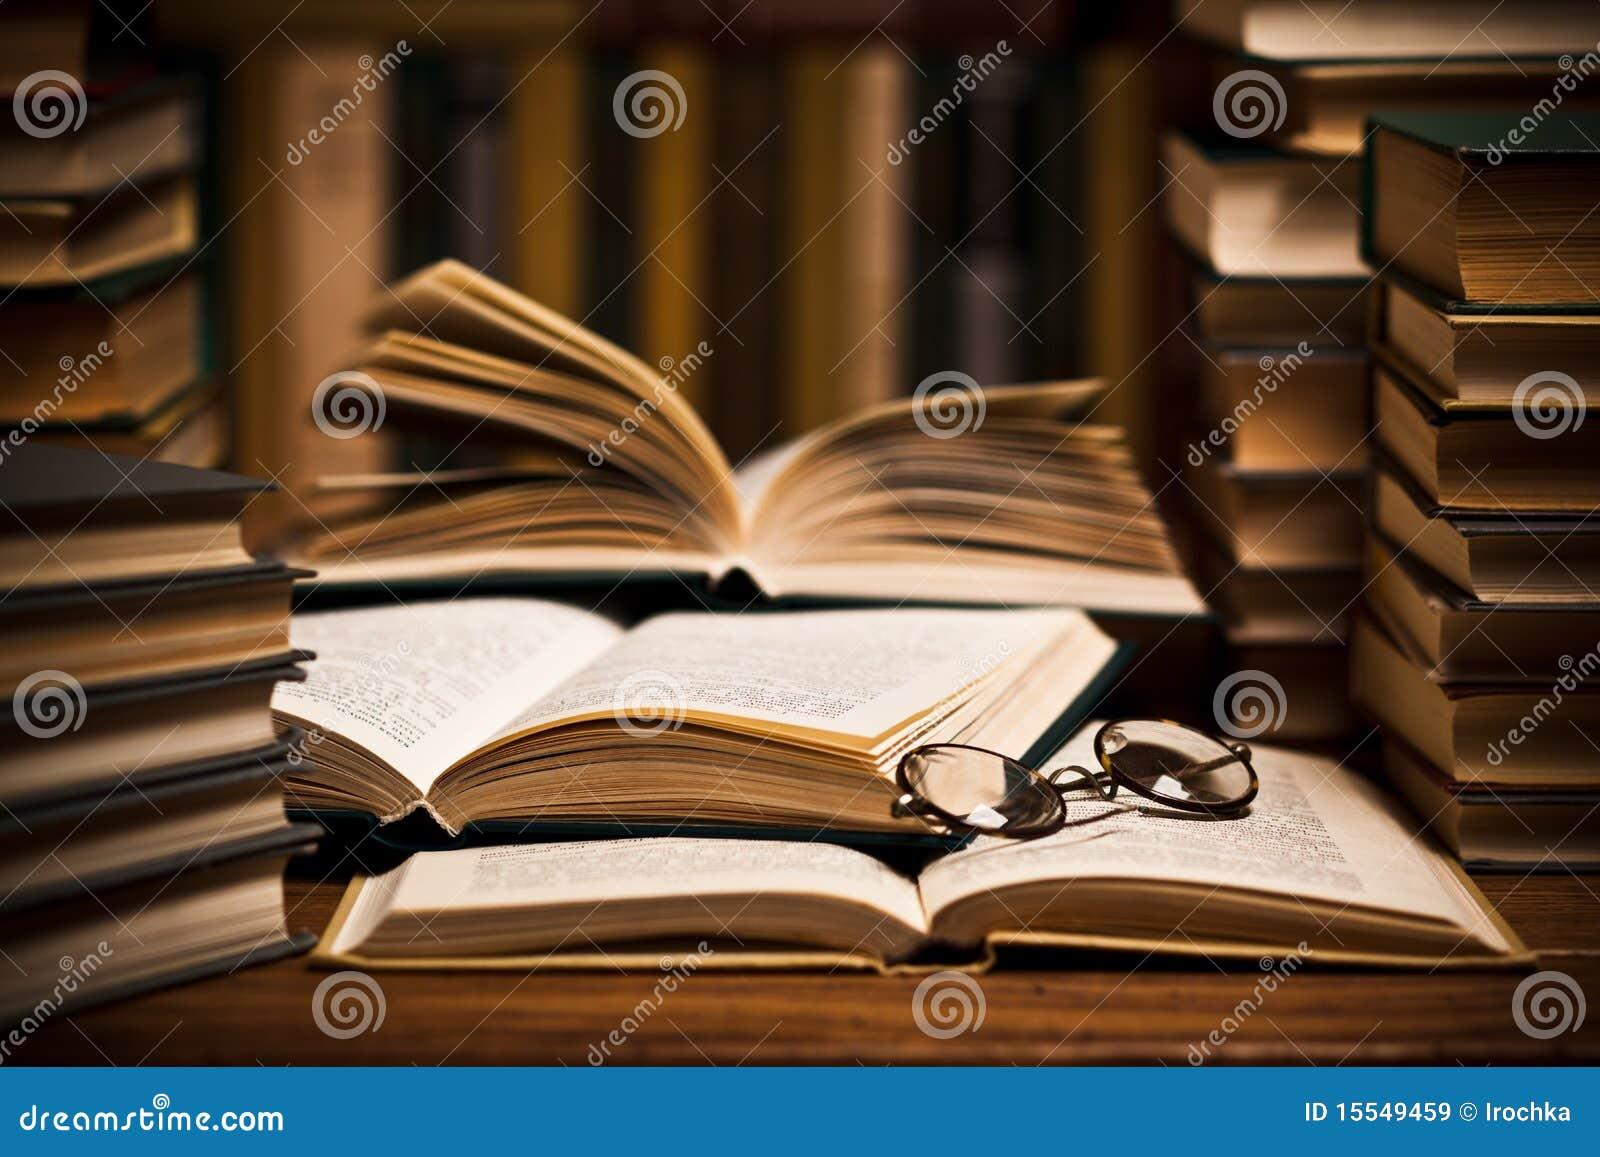 Download Libros de lectura imagen de archivo. Imagen de biblioteca - 15549459